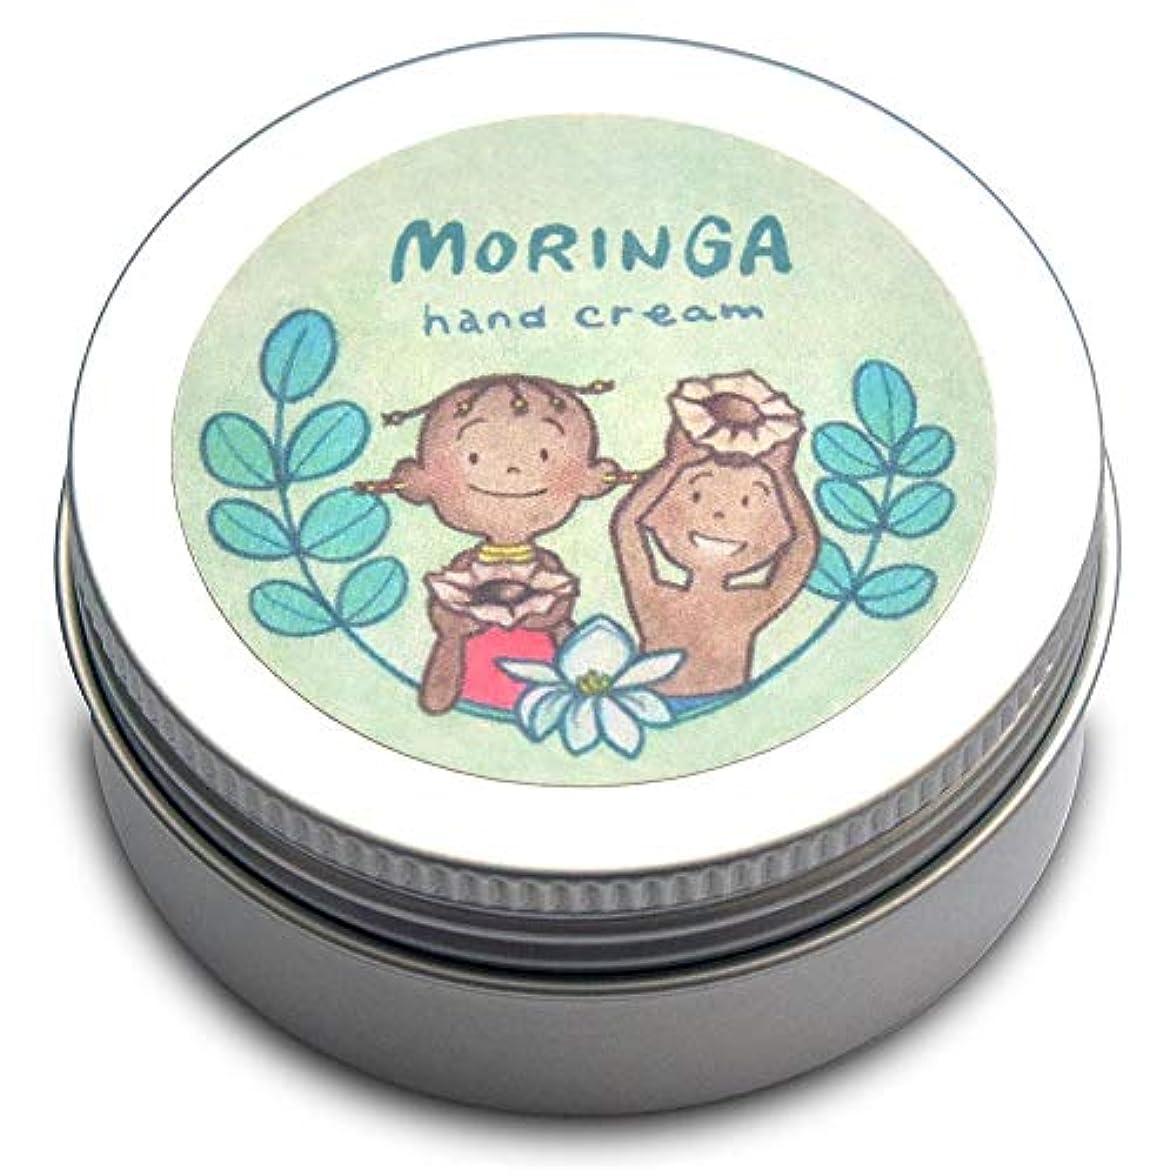 自発的打倒候補者MORINGA モリンガハンドクリーム 30g